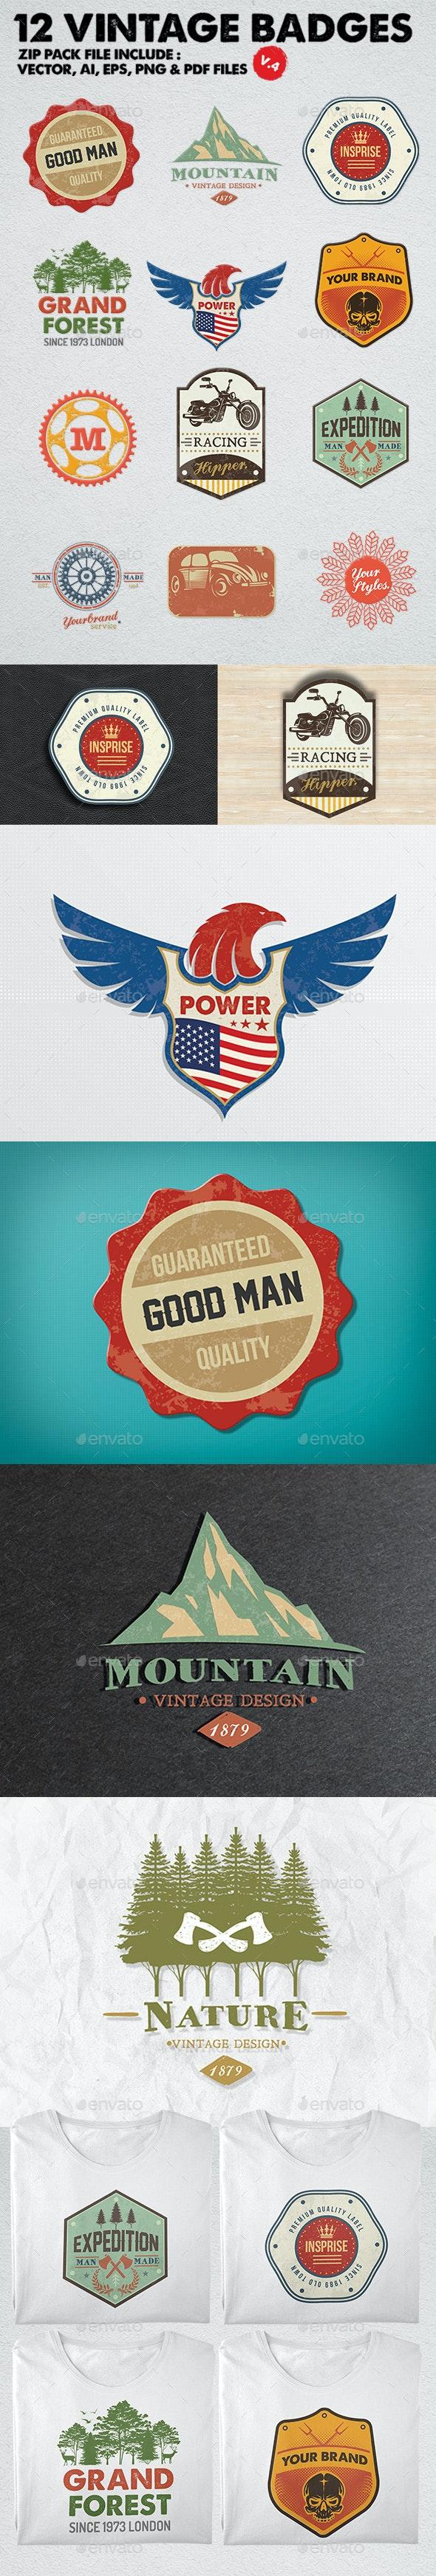 12 Vintage Badges & Logo Version 4 - Badges & Stickers Web Elements